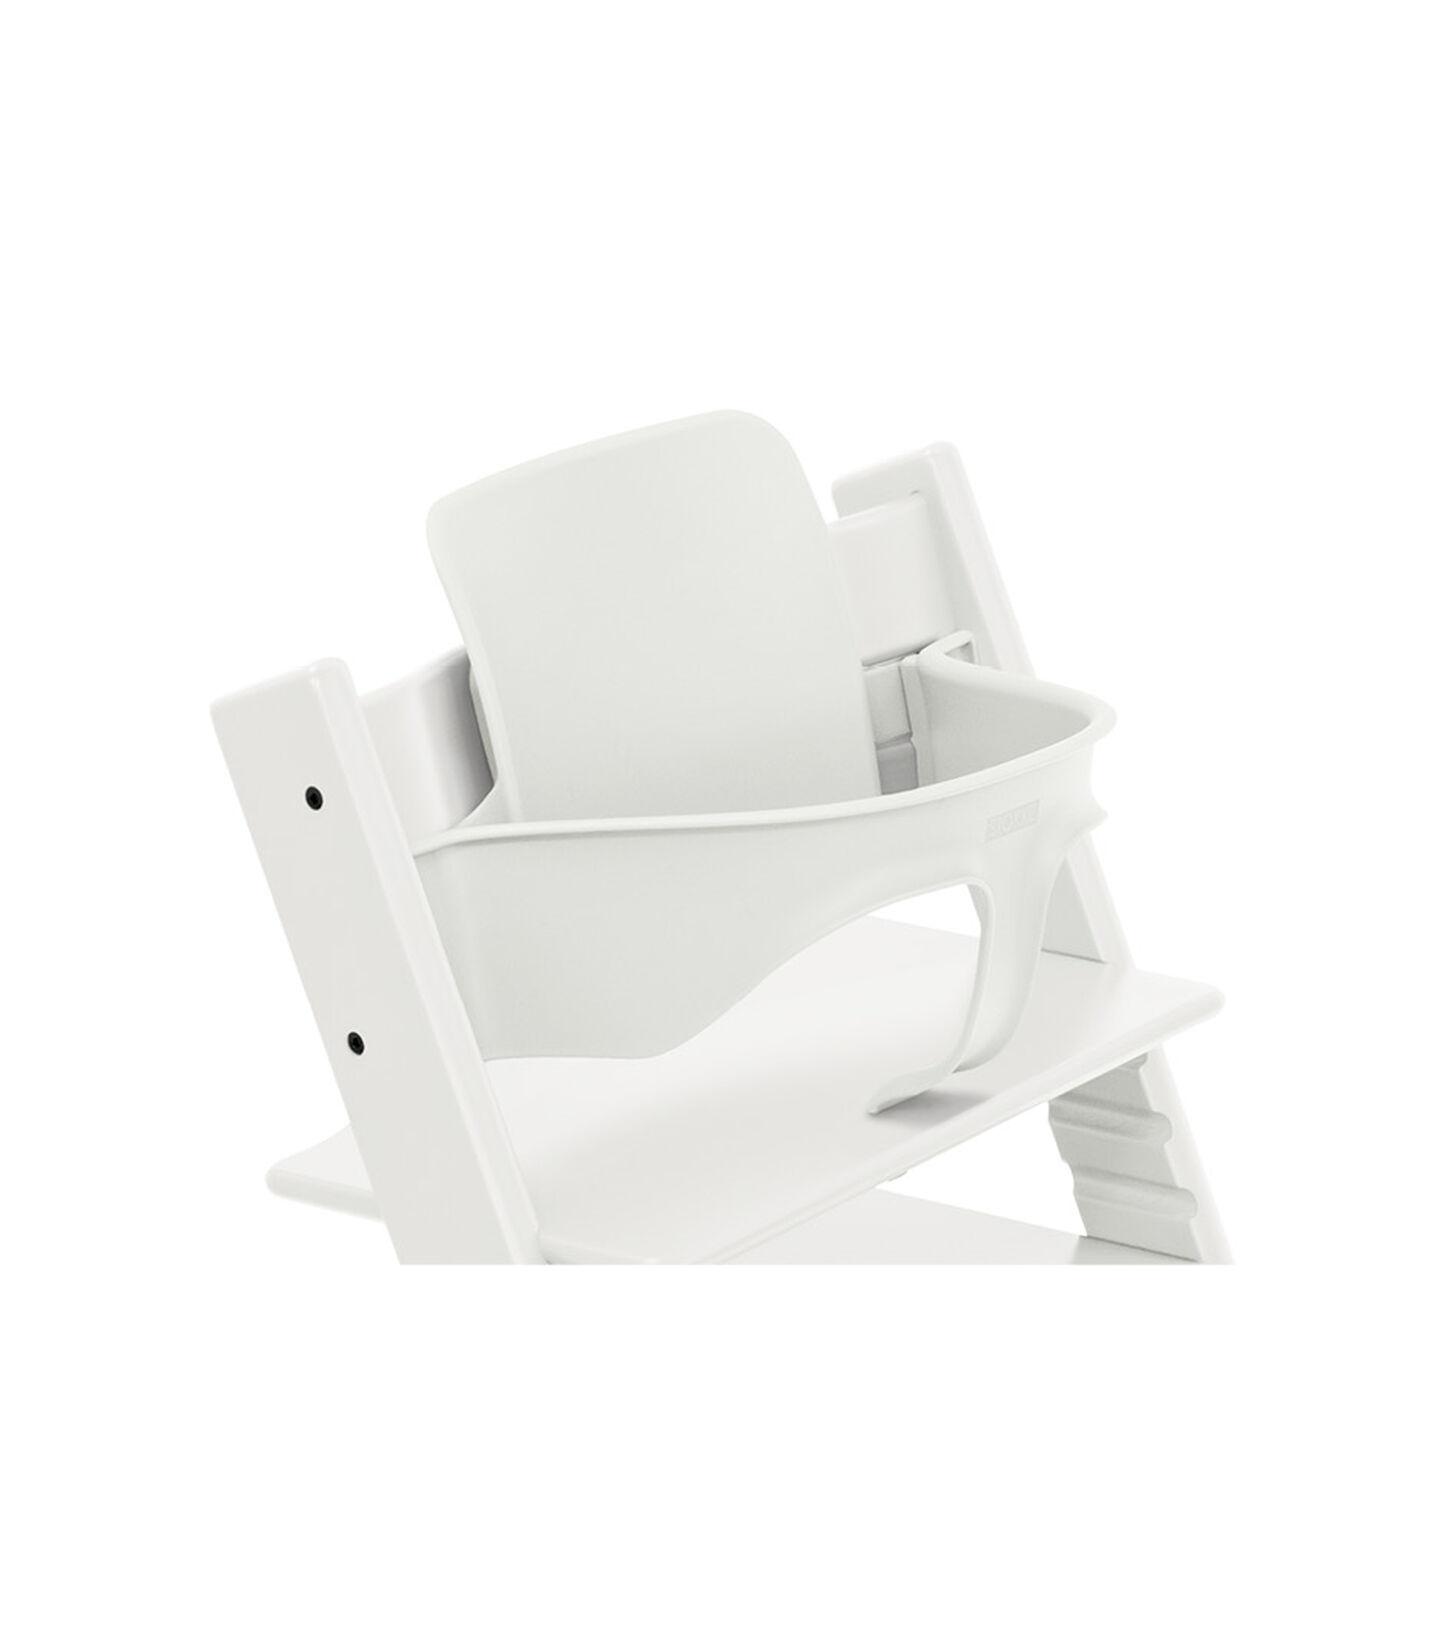 Tripp Trapp® Baby Set - Zestaw niemowlęcy White, Biały, mainview view 1